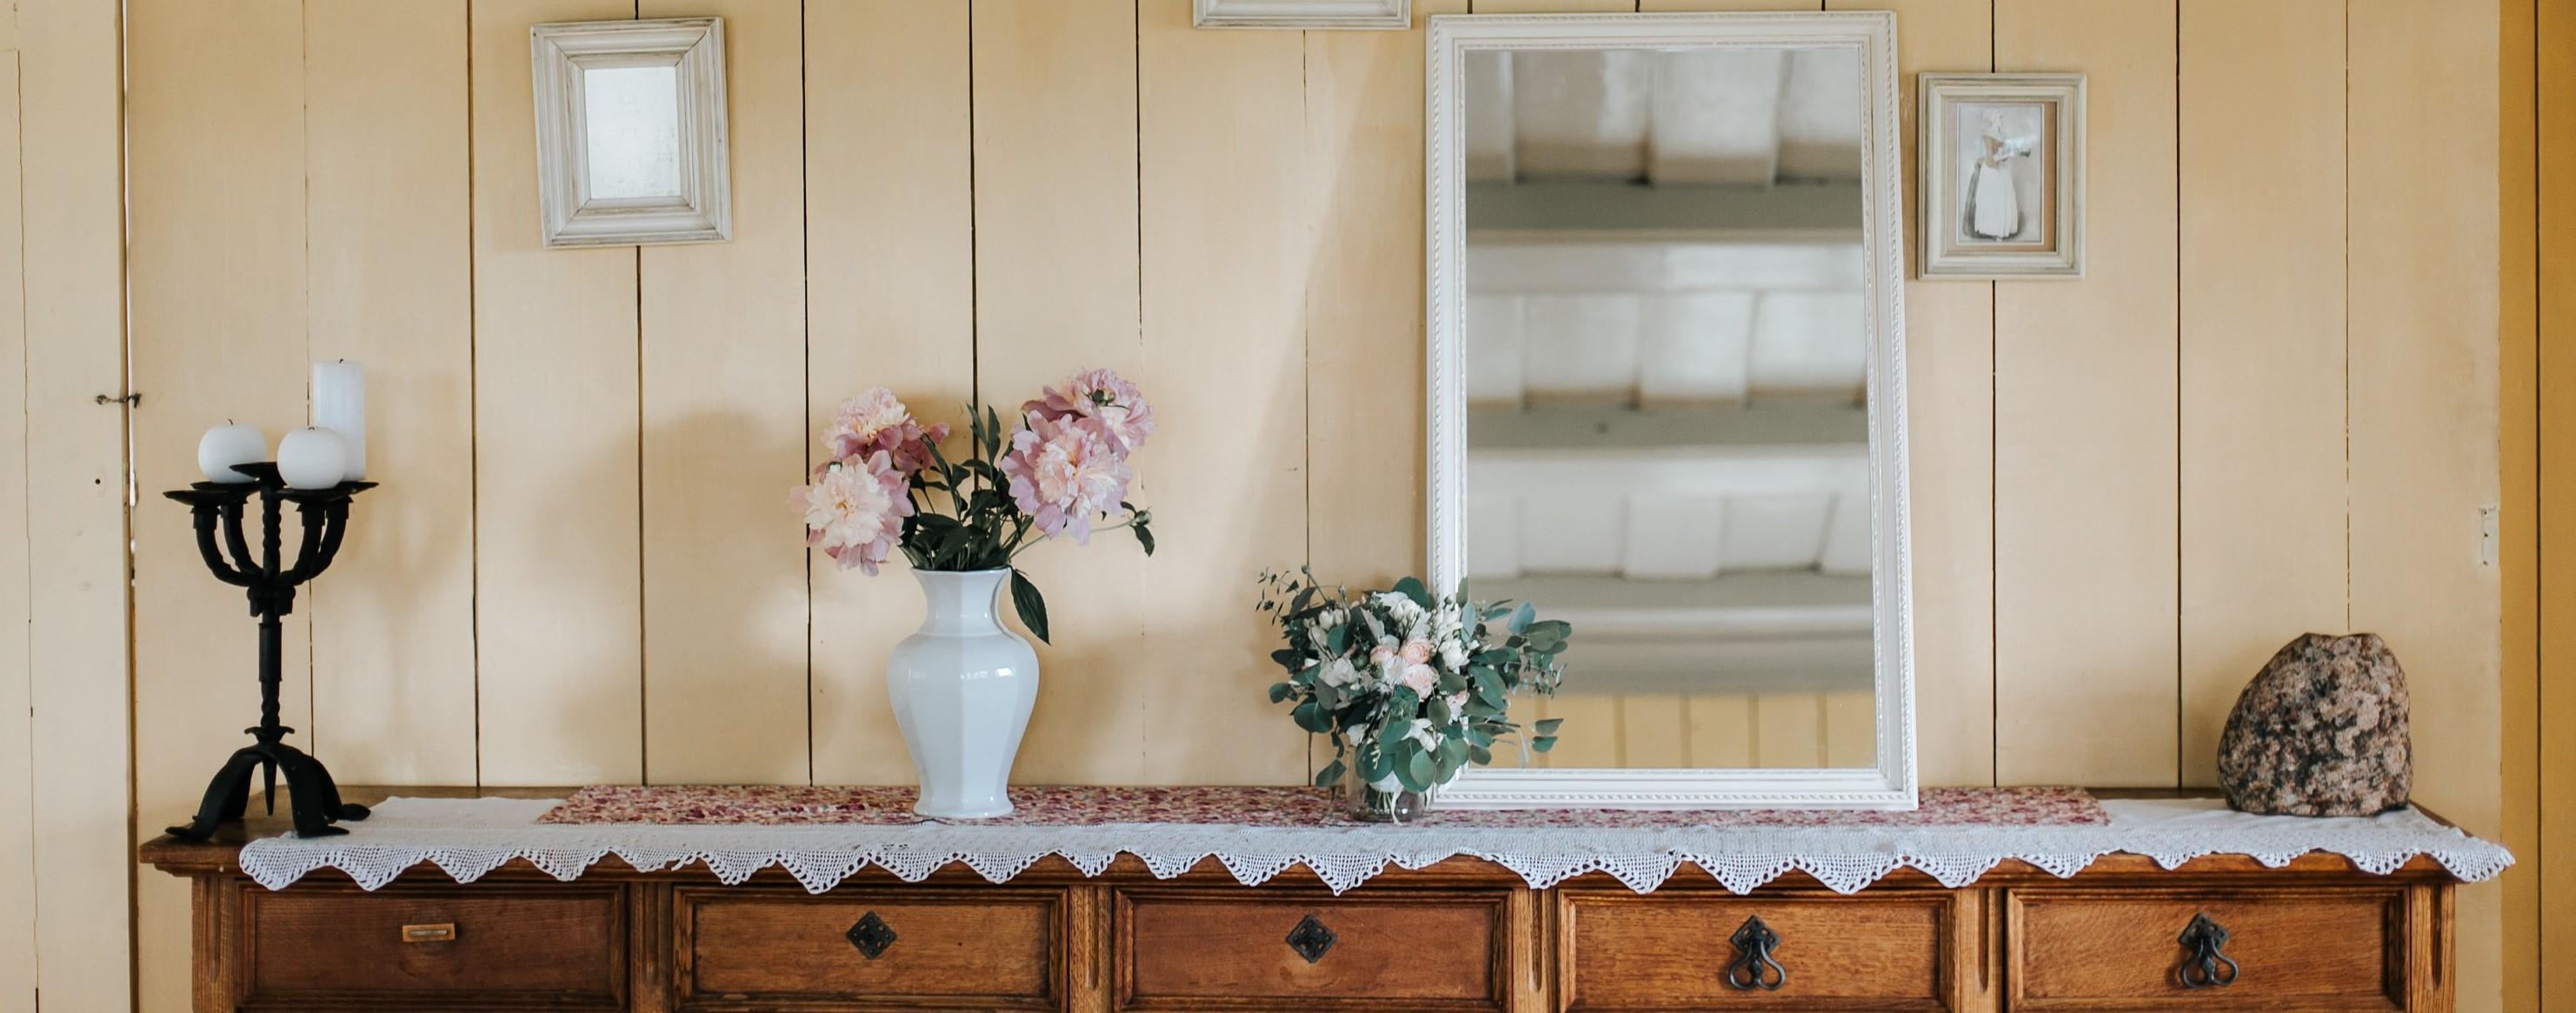 Best Flower Vases in 2019